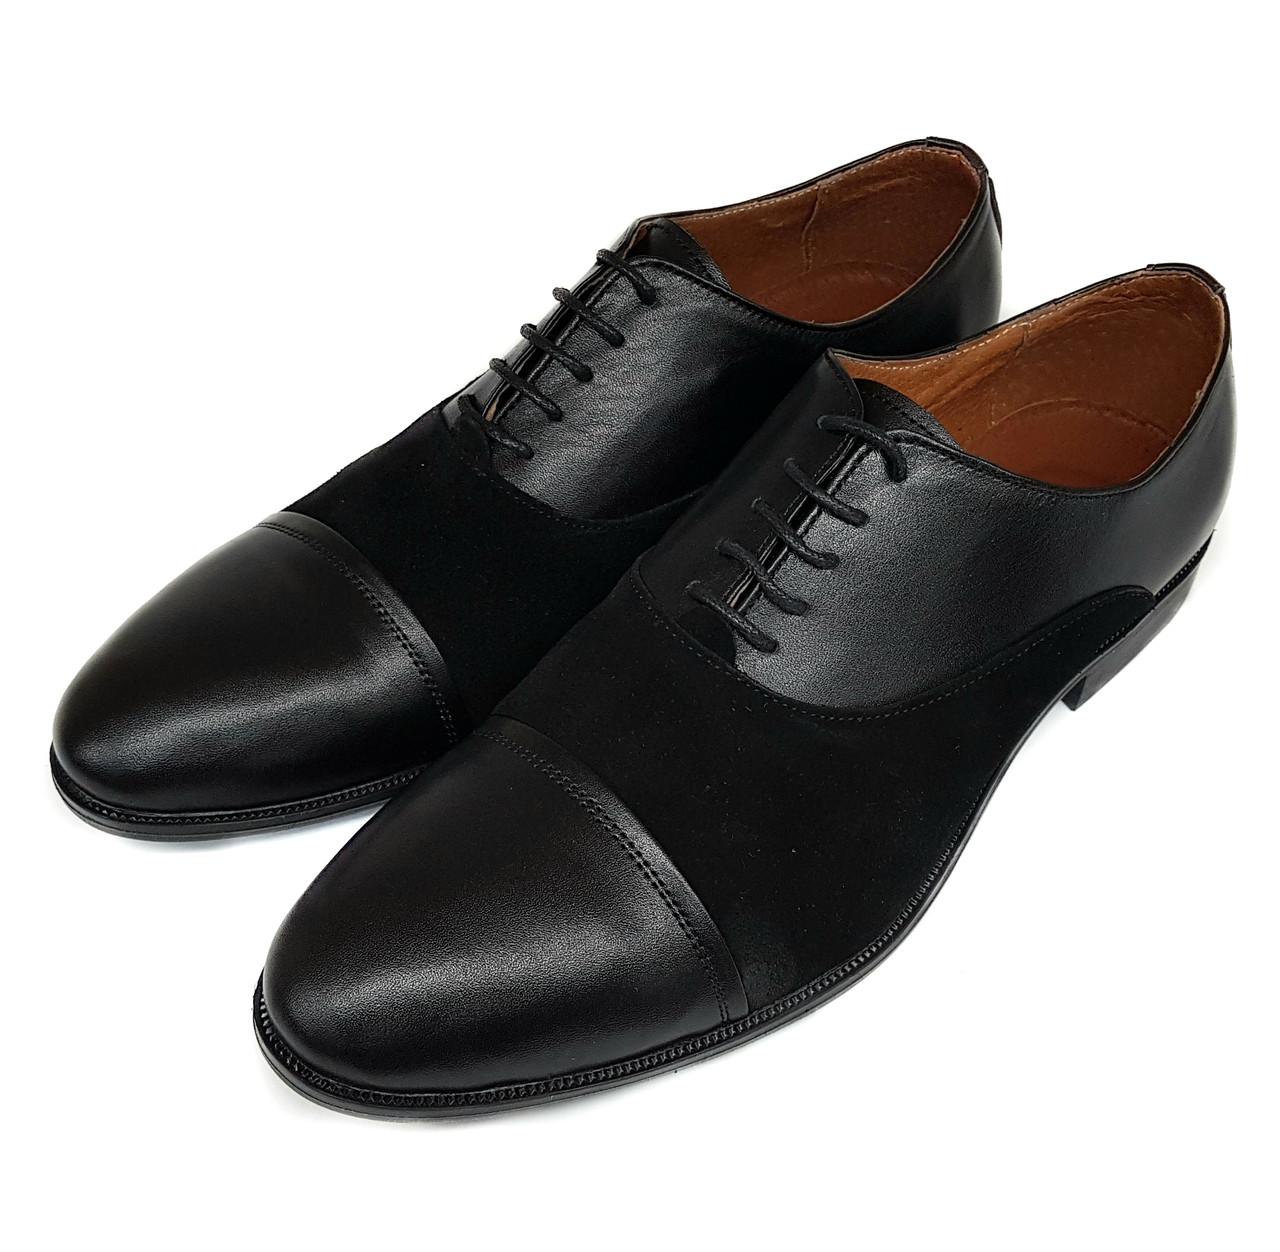 Мужские кожаные туфли Flamanti черные